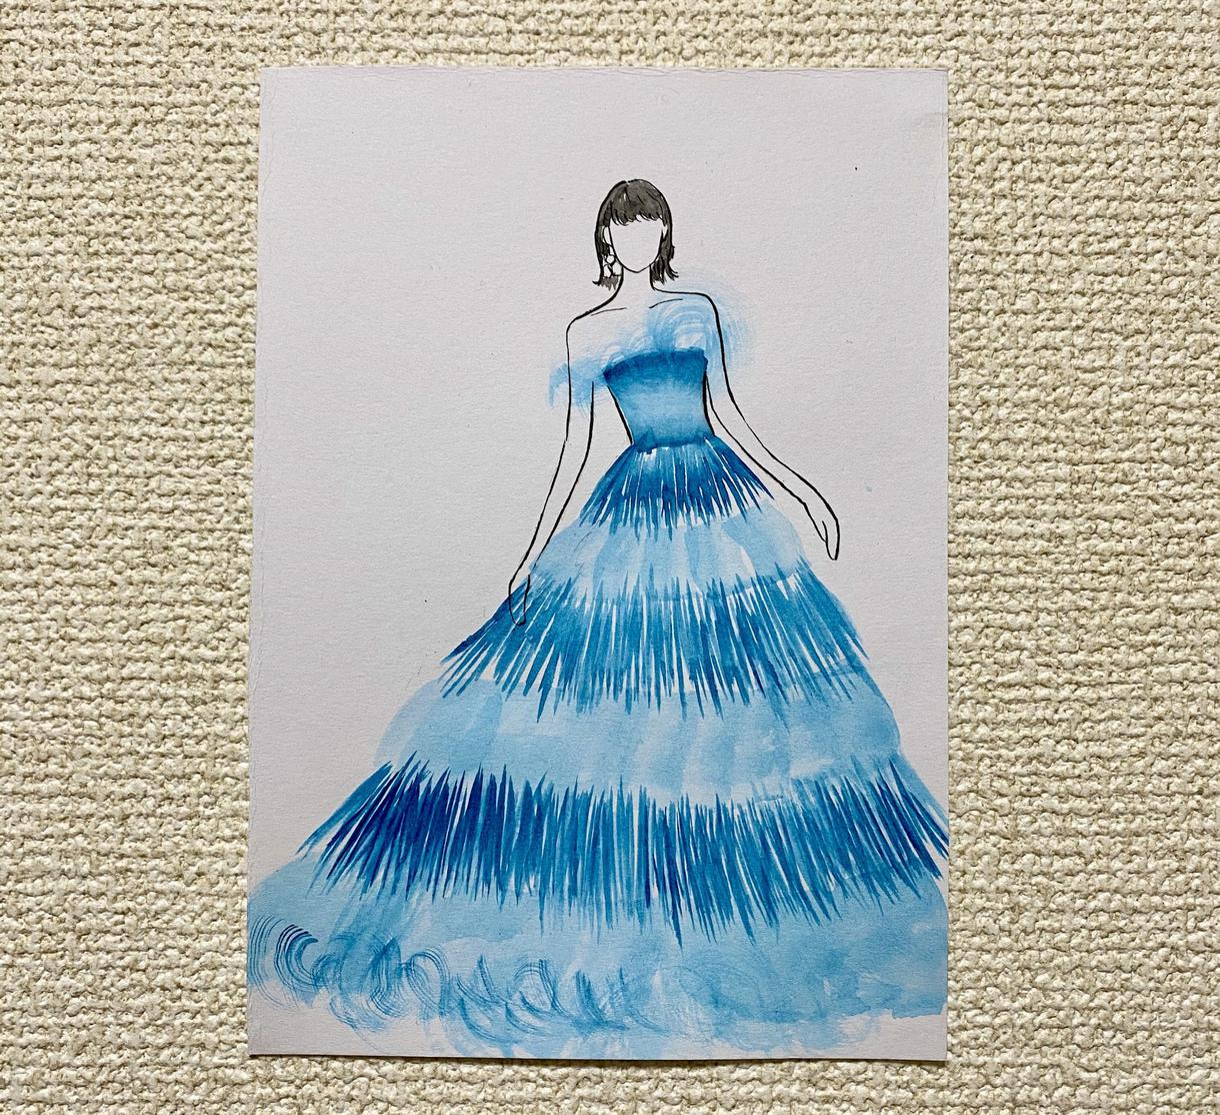 お気に入りのウェディングドレスをイラストにします お気に入りのドレスをイラストにして残しませんか?